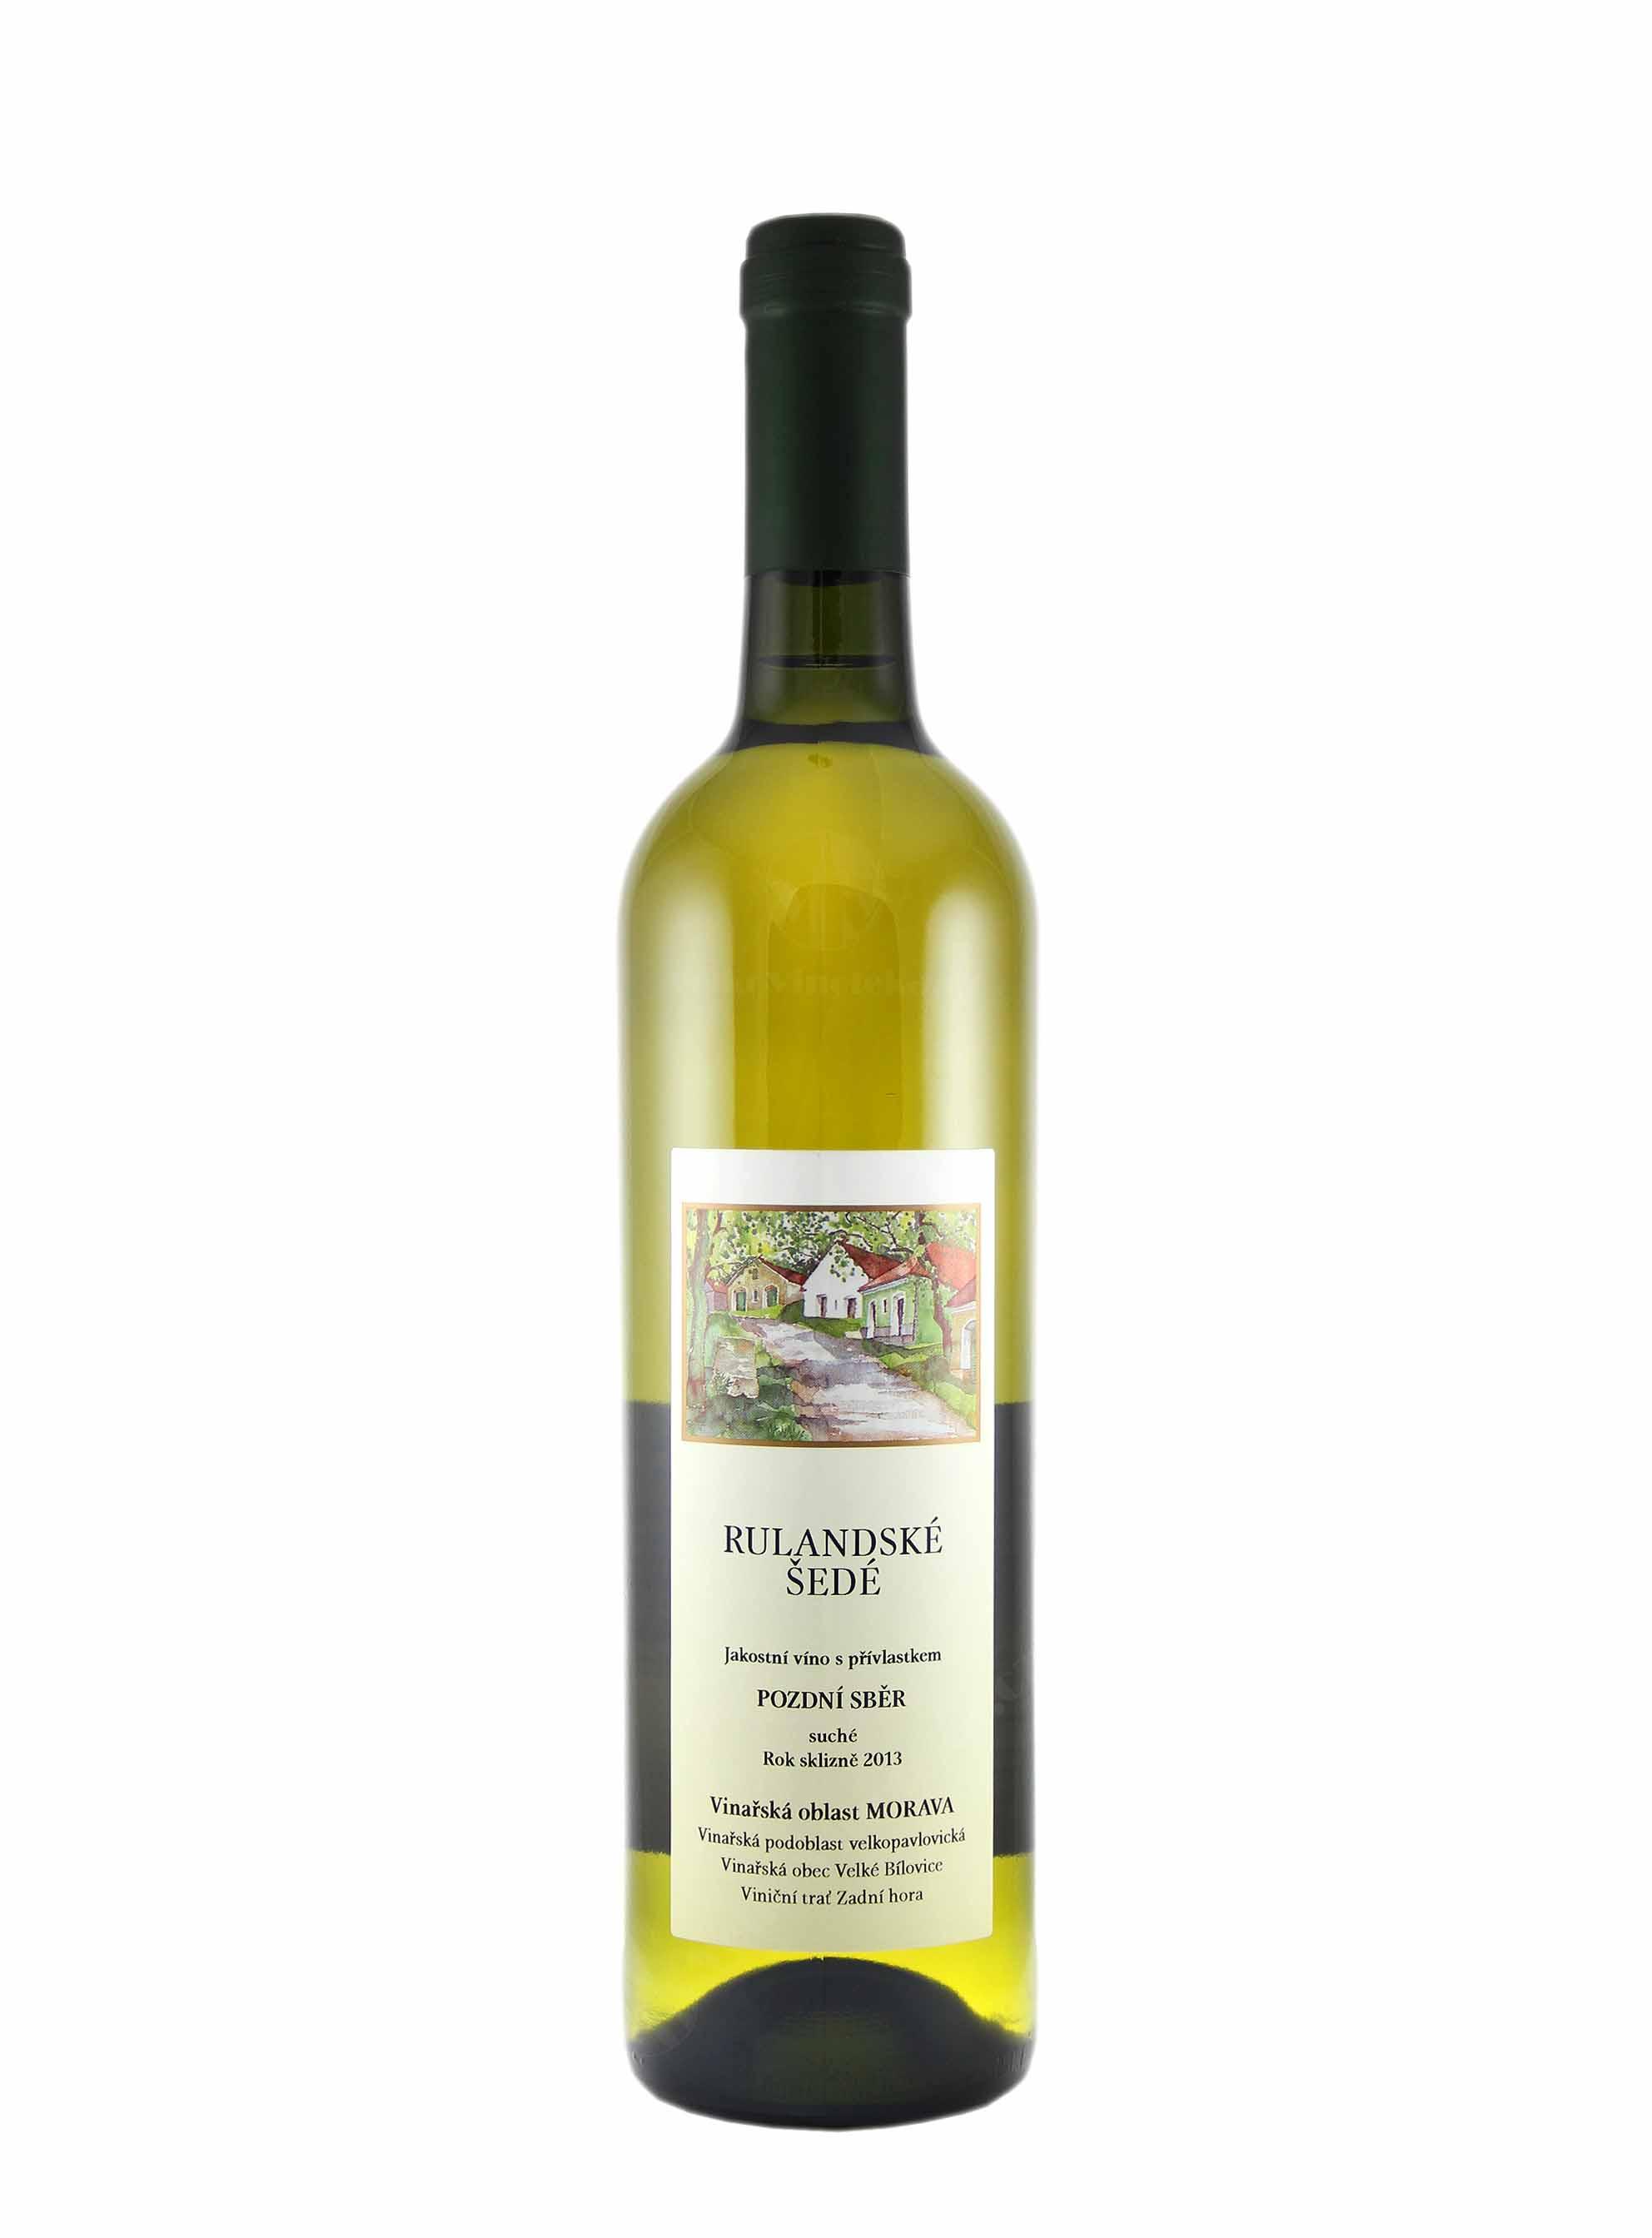 Rulandské šedé, Pozdní sběr, 2013, František Mádl - Malý vinař, 0.75 l